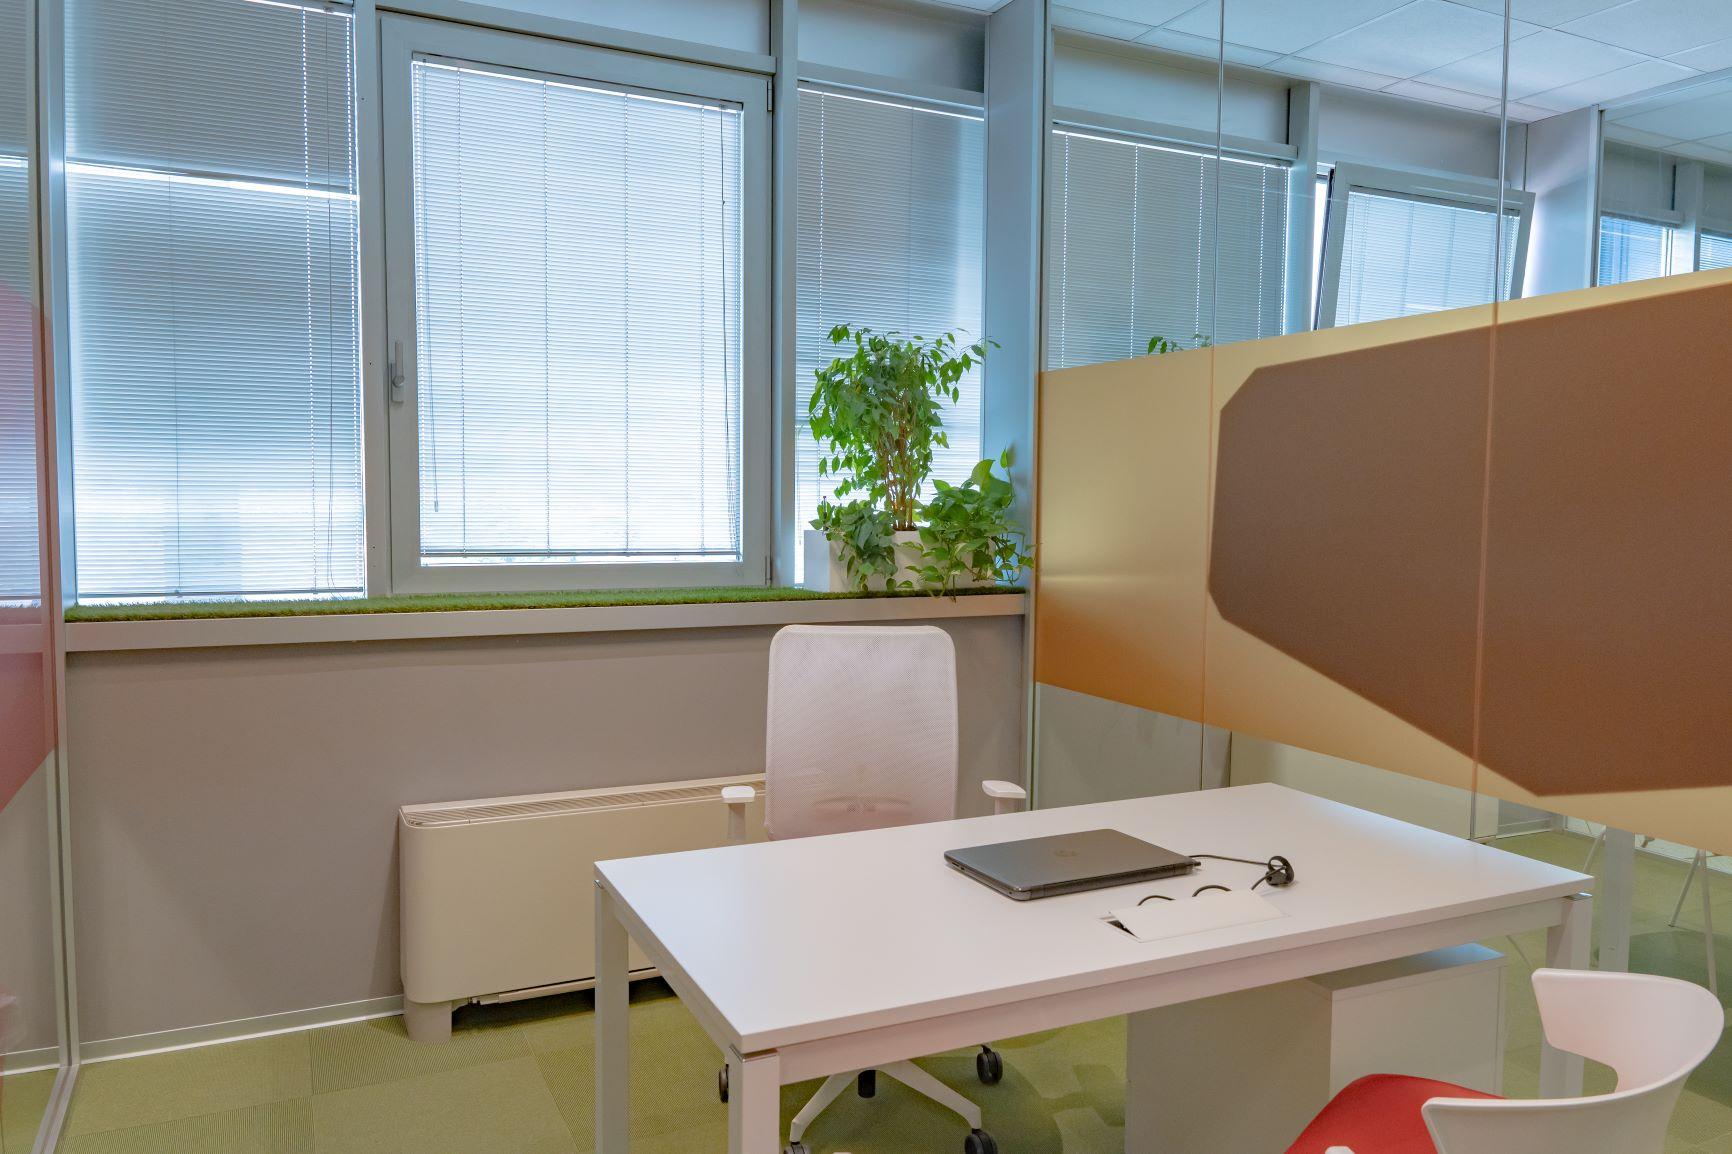 Noleggio ufficio 2 - City coworkingarden